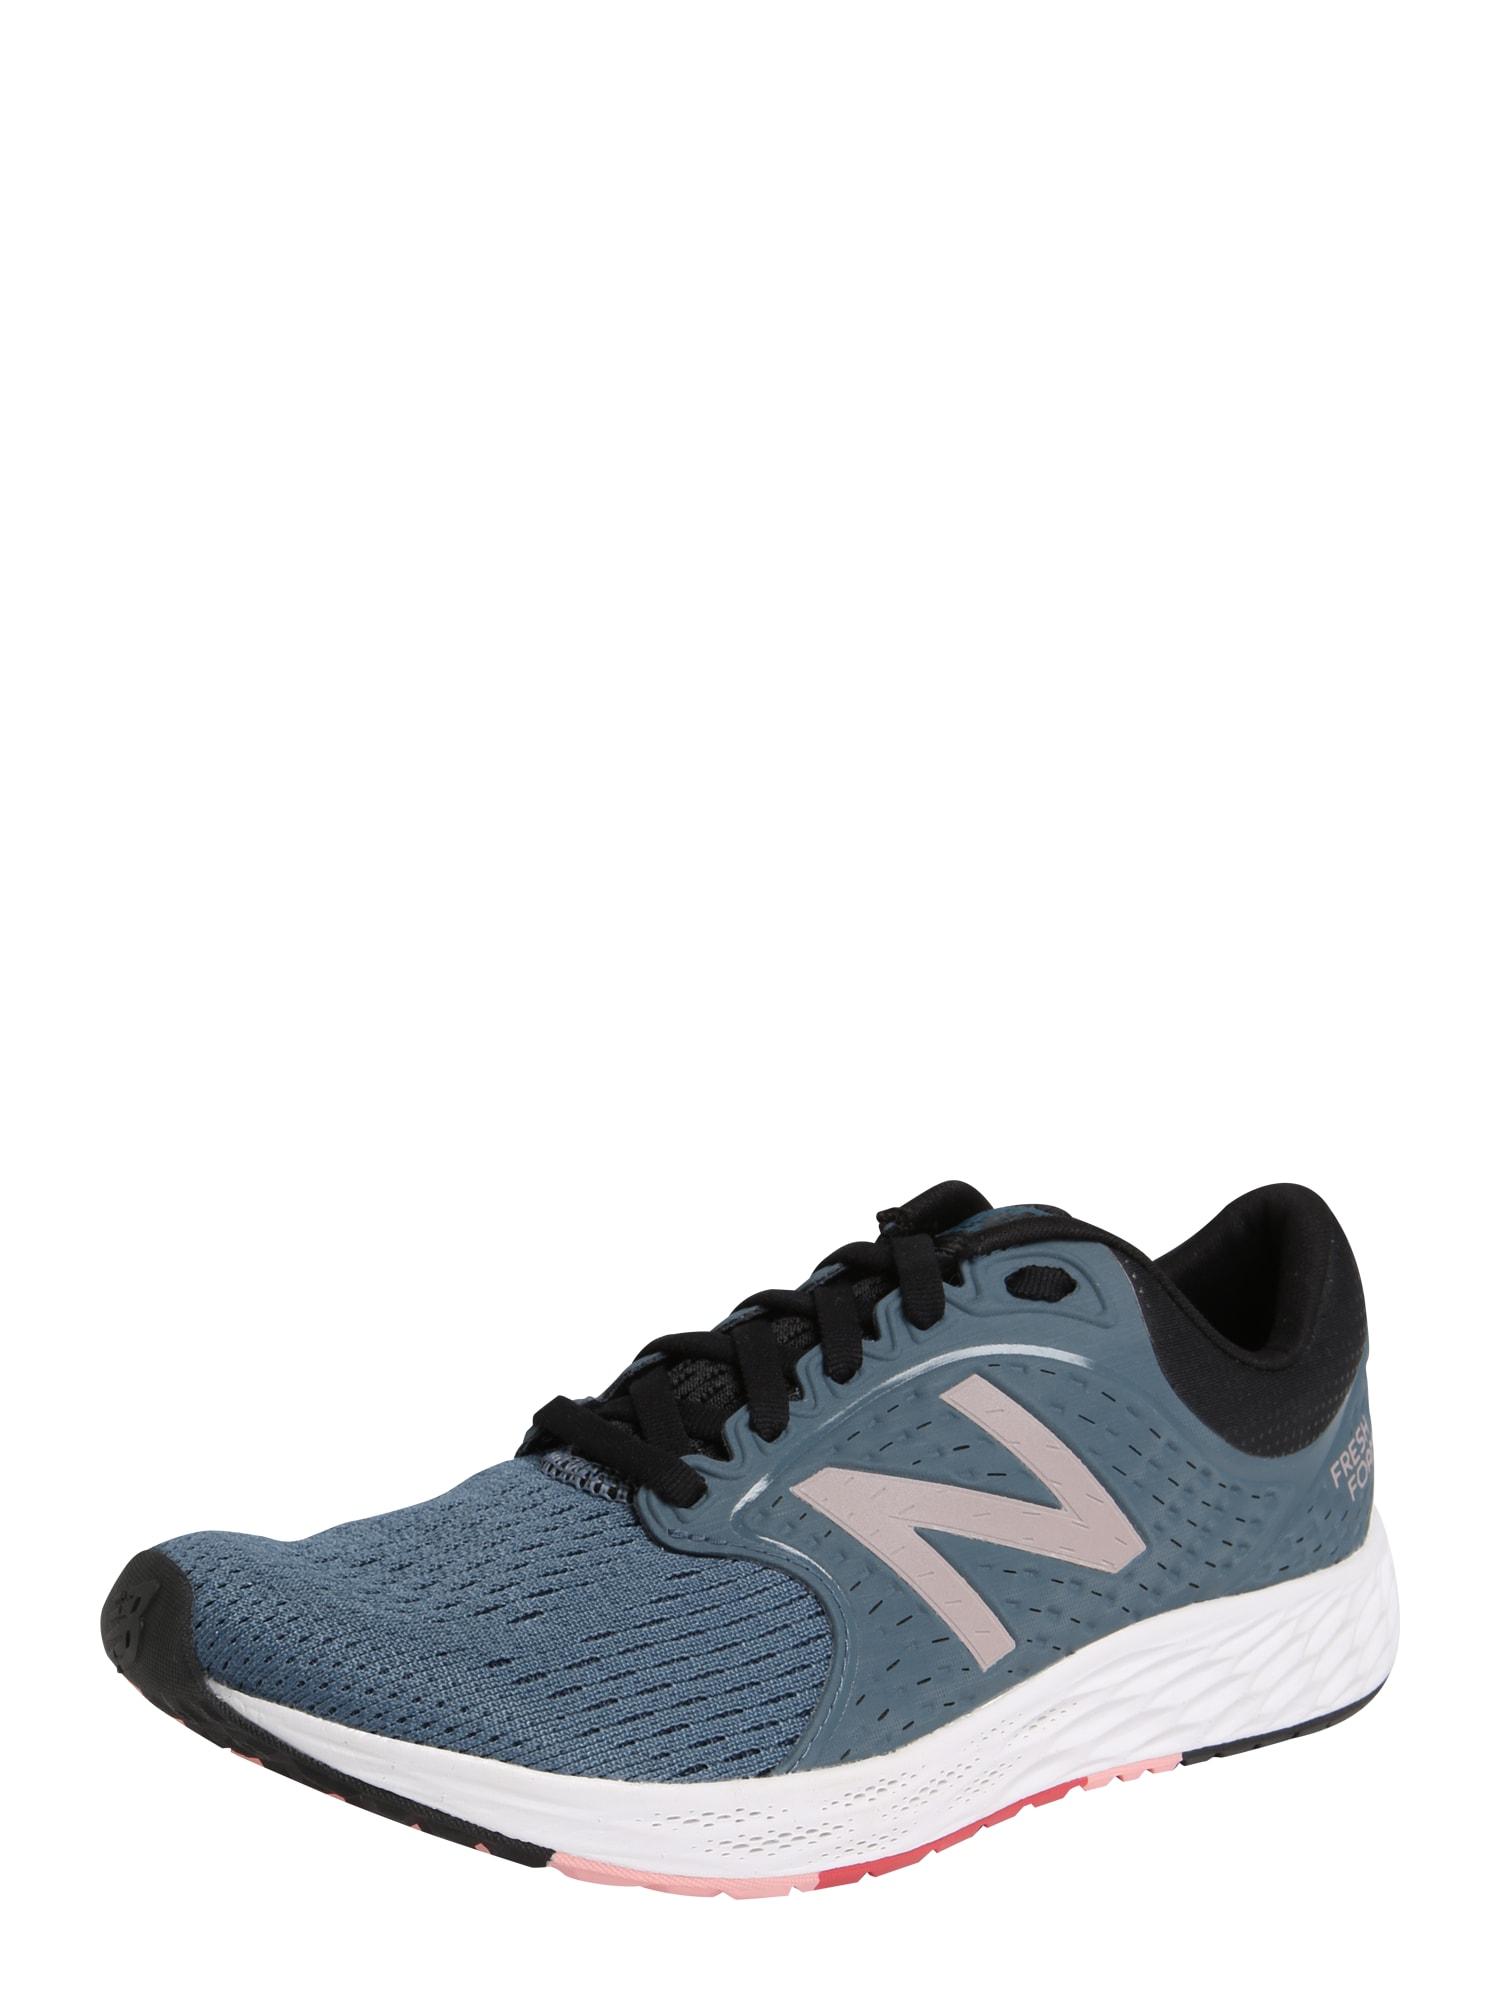 Sportovní boty WZANTLP4 modrá New Balance